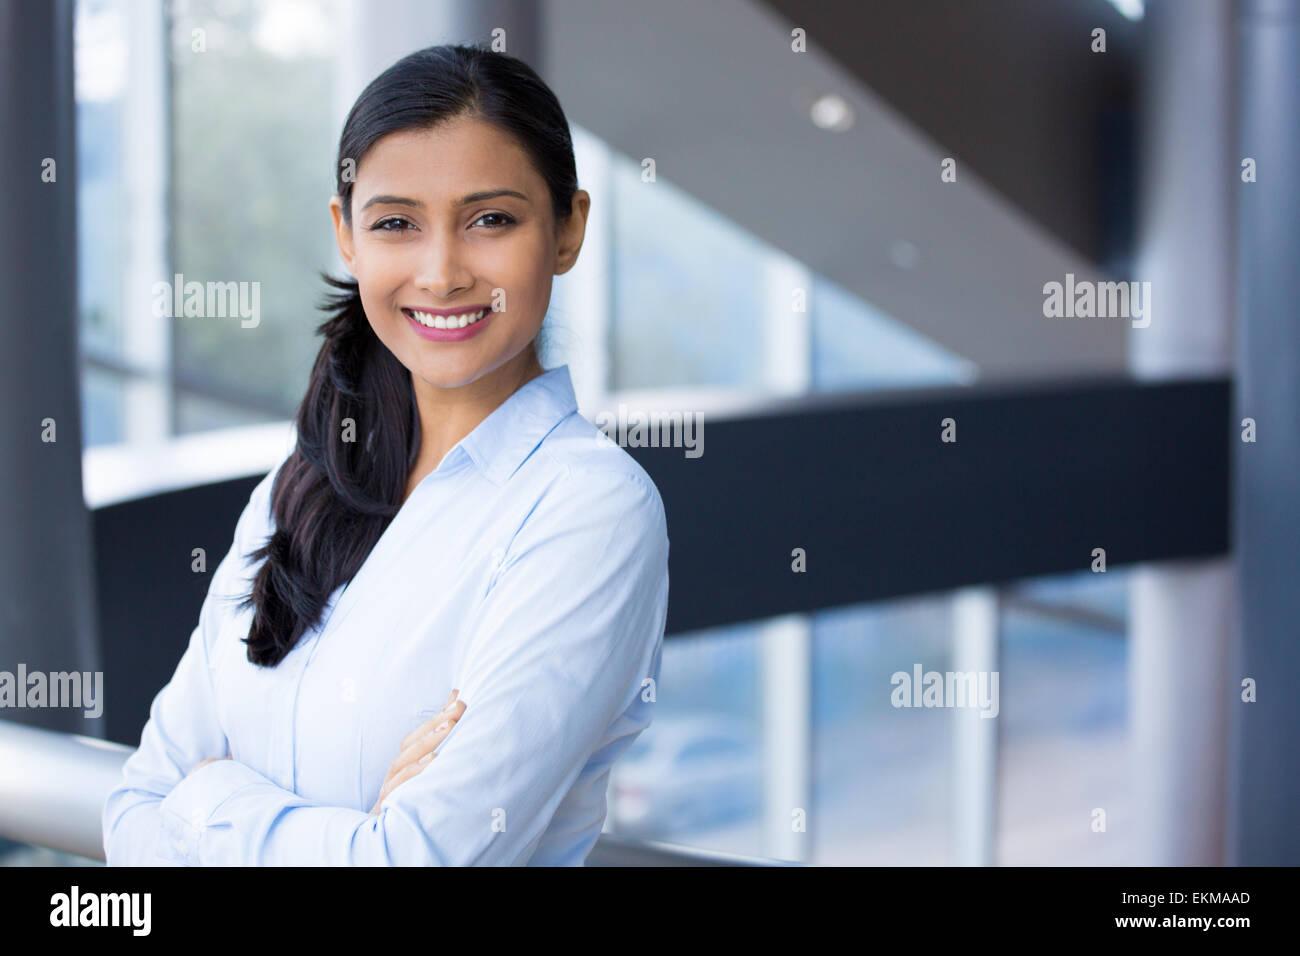 Closeup retrato, joven profesional, bella mujer confía en camisa azul, con los brazos cruzados, sonriendo doblada Imagen De Stock